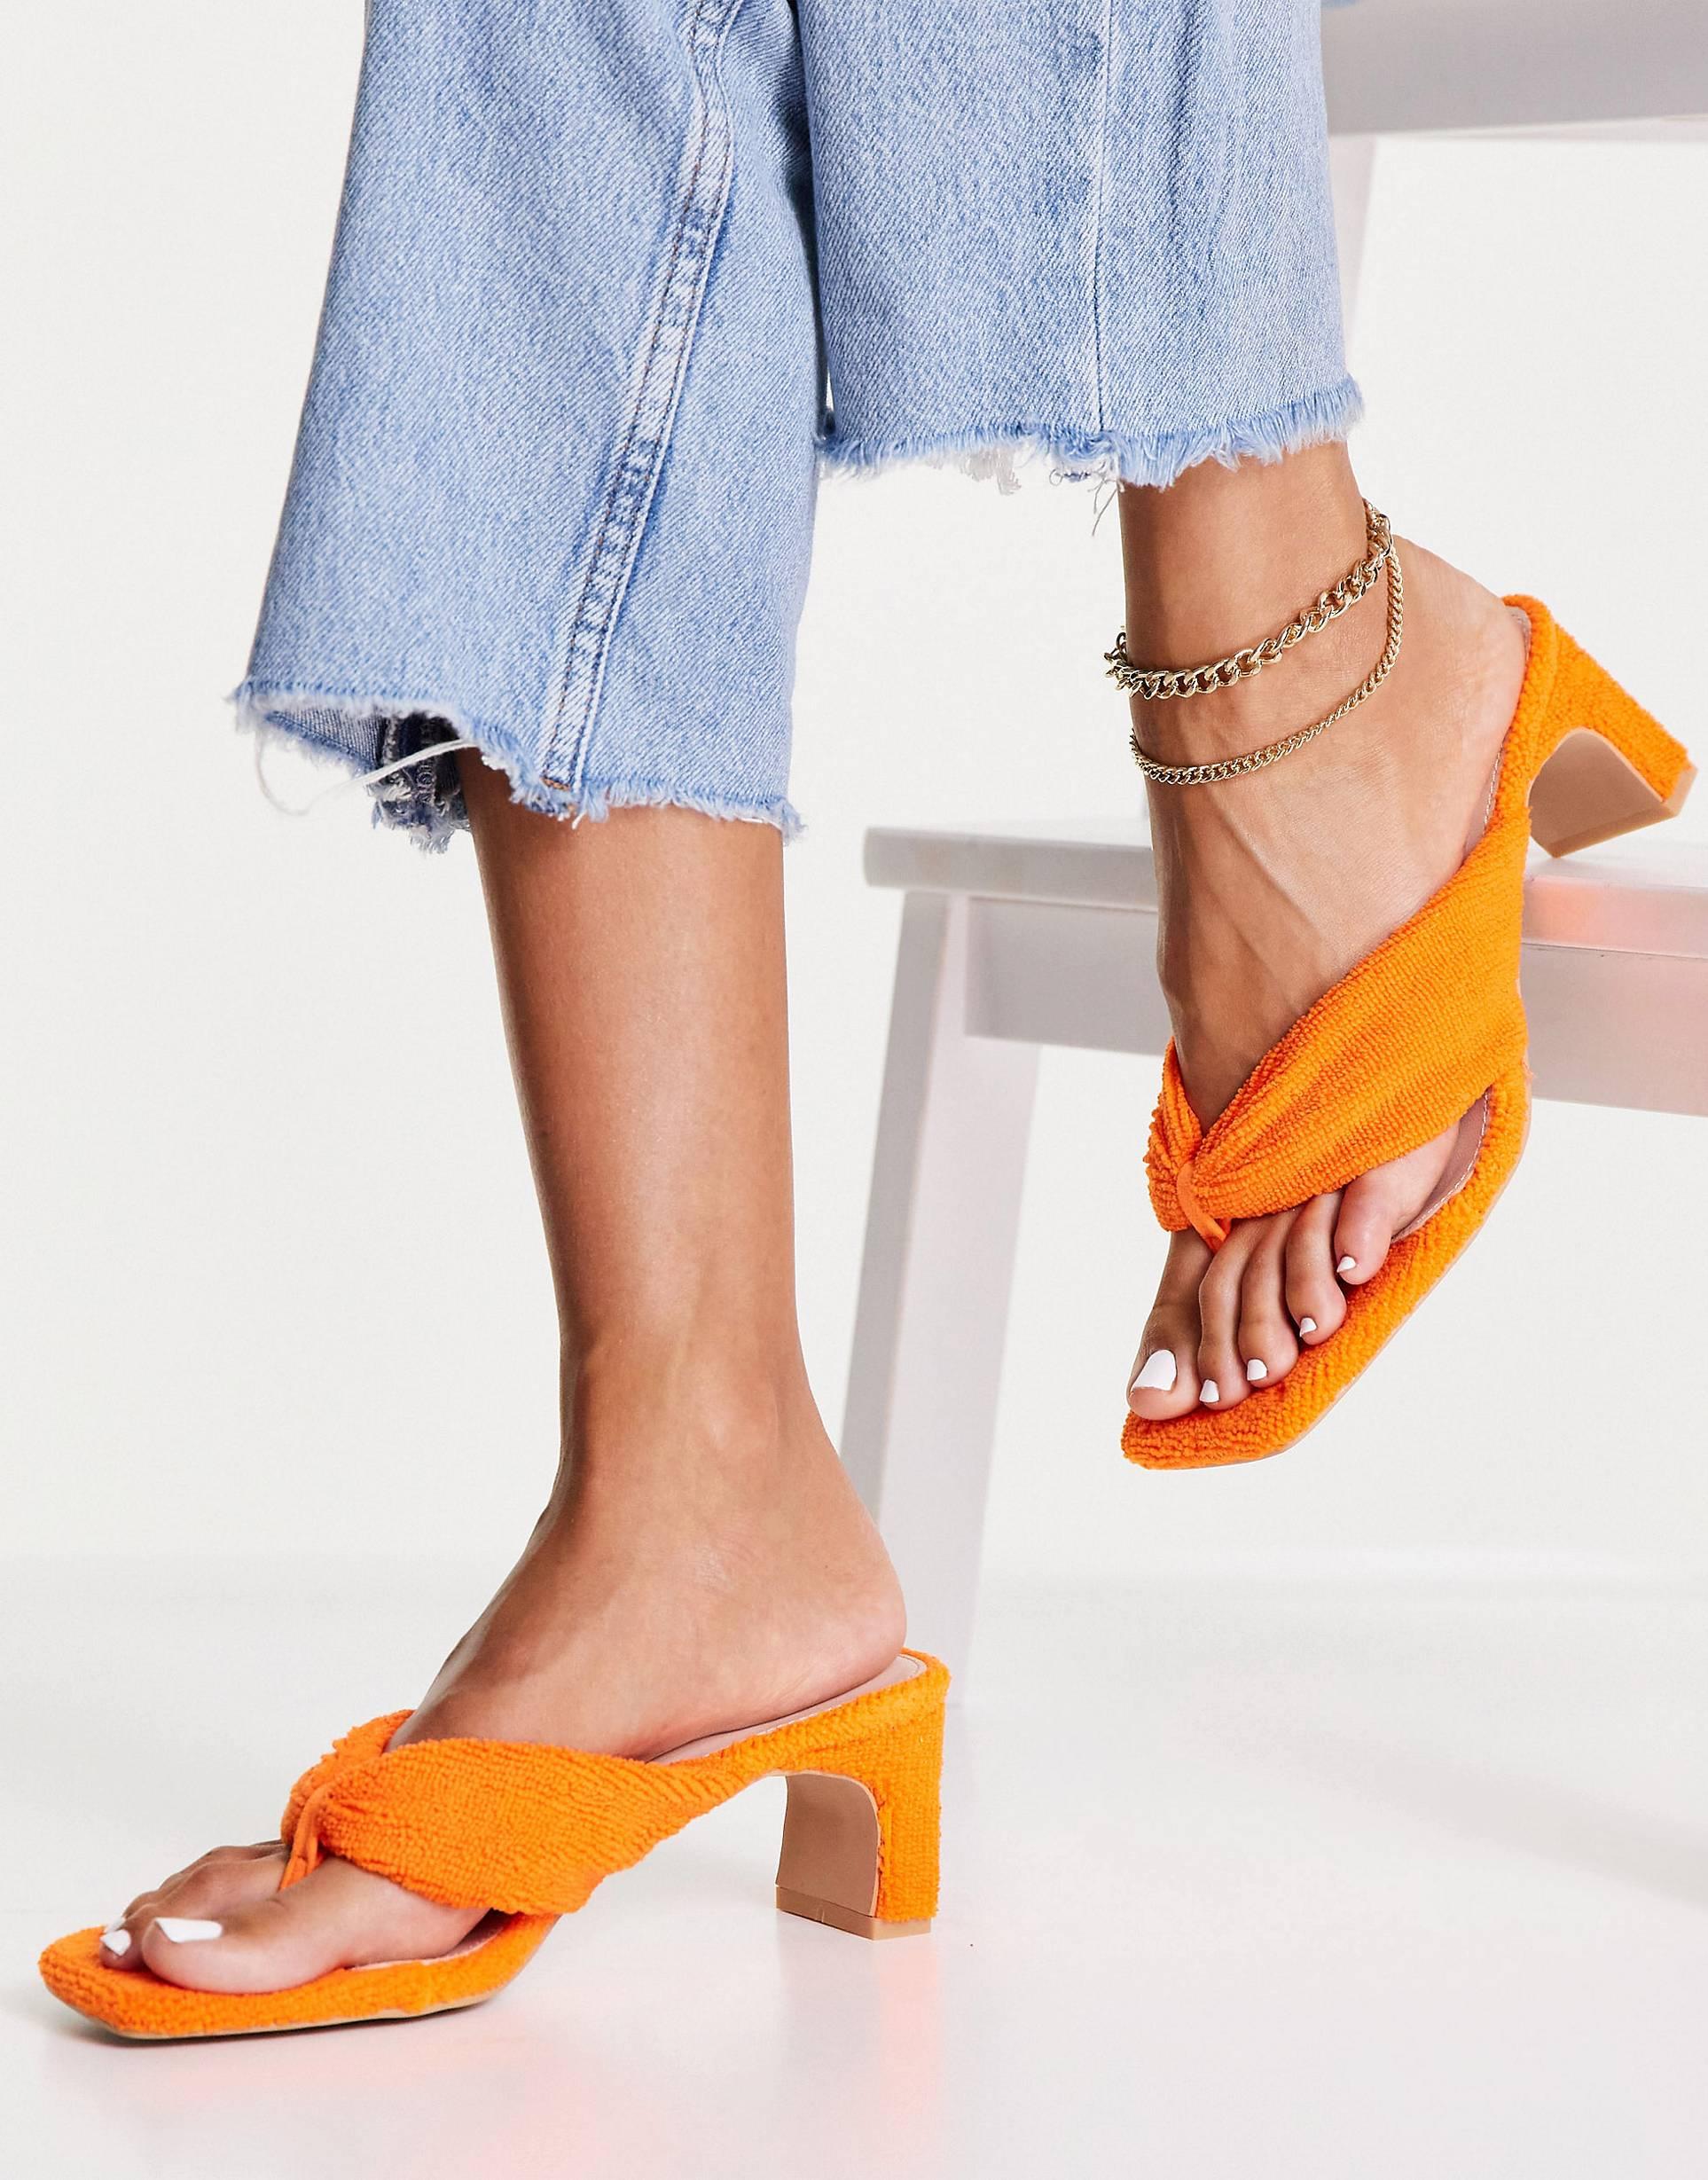 Sandalias naranjas de tejido de rizo de RAID.